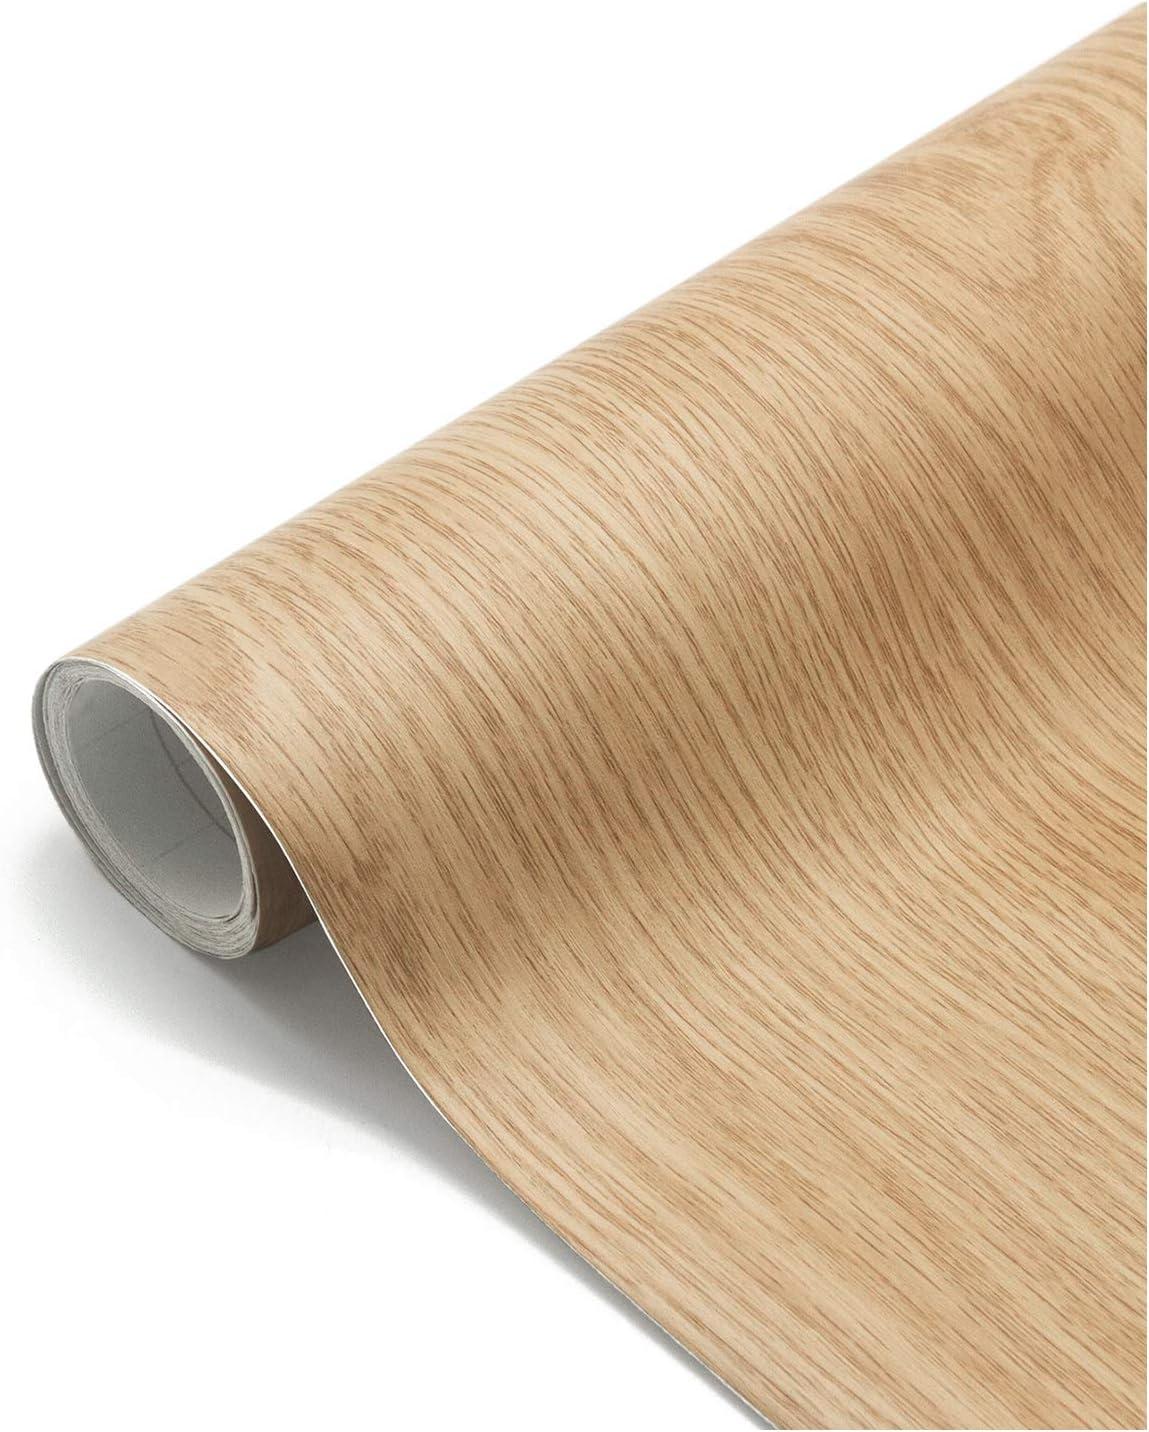 Papel Adhesivo Madera para Muebles 61x500cm, Espesar Duradero Vinilo Película Prueba de Aceite Impermeable Papel Pared para la Cocina Encimera Oficina, Type B: Amazon.es: Bricolaje y herramientas